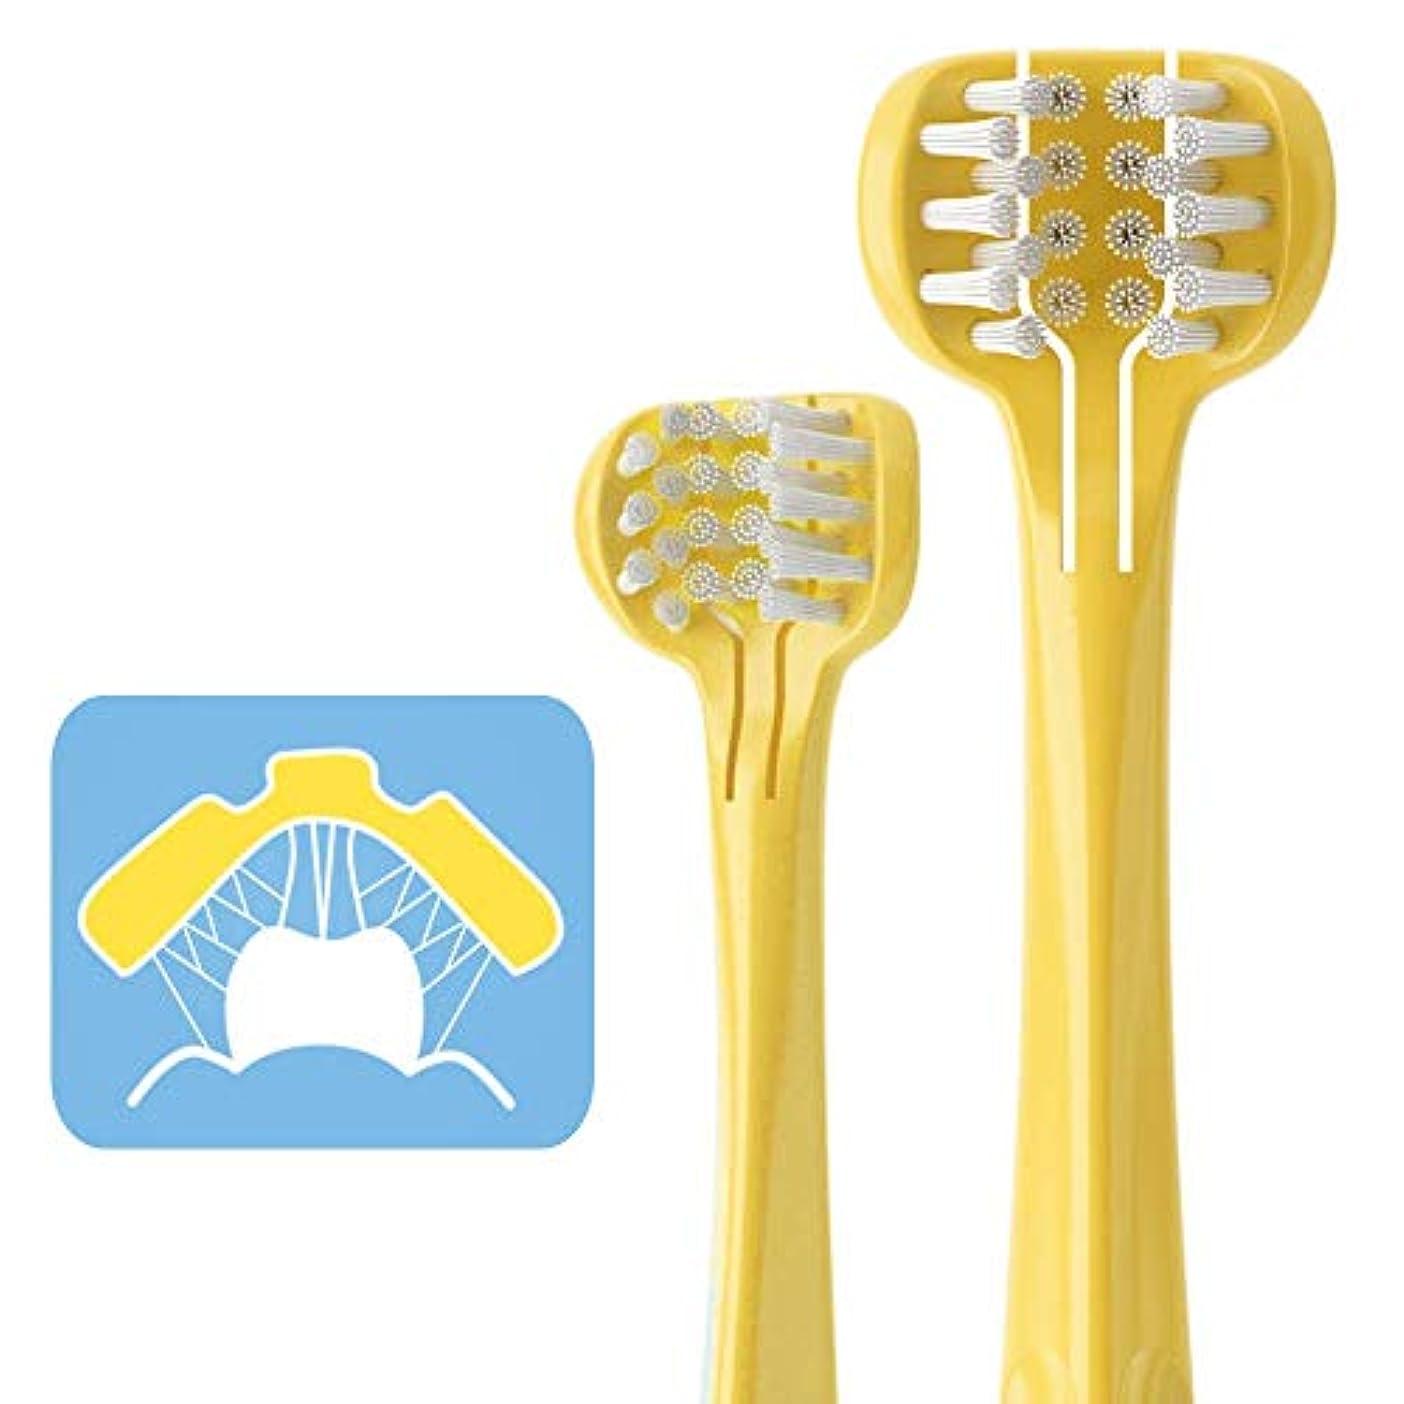 申し立てられたライムの子供用 歯ブラシ、柔軟でラップアラウンド、トレーニング歯ブラシ、子どもの歯磨き時間を節約、子ども用三面歯ブラシ 1歳以上に適用 (イエロー)